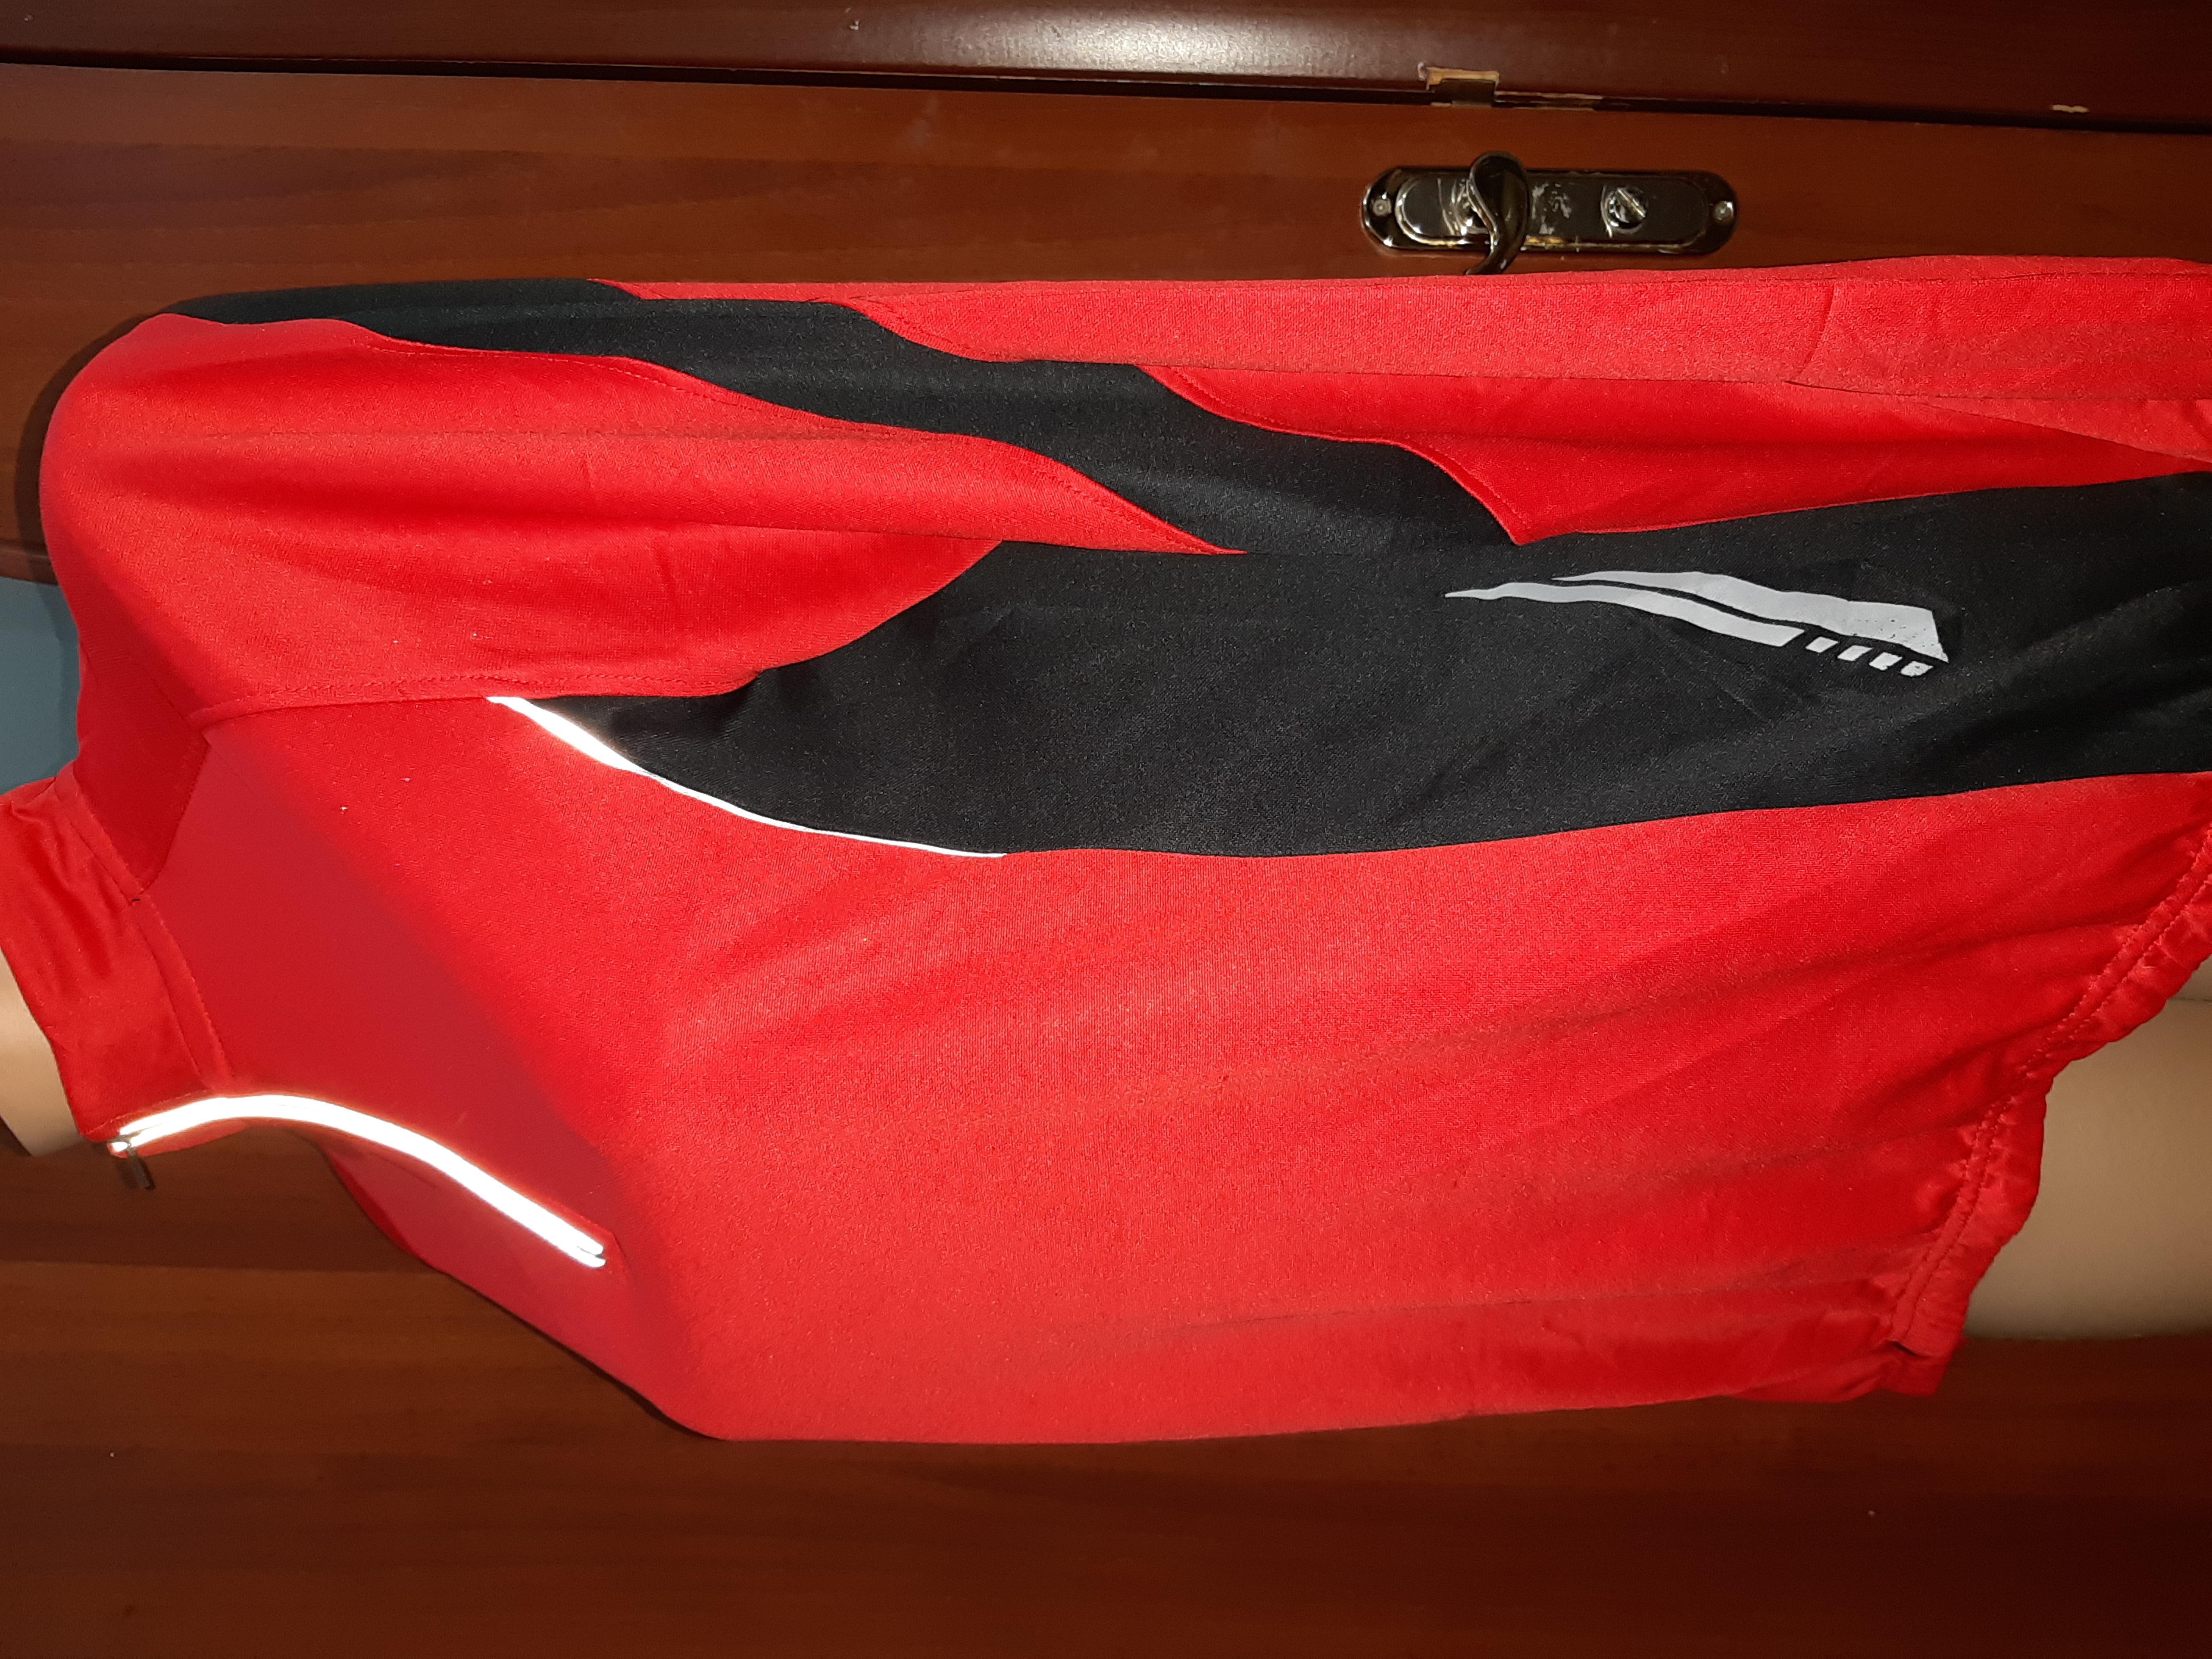 Функциональный реглан для спорта бега,фирмы Crane,размер М - Фото №2